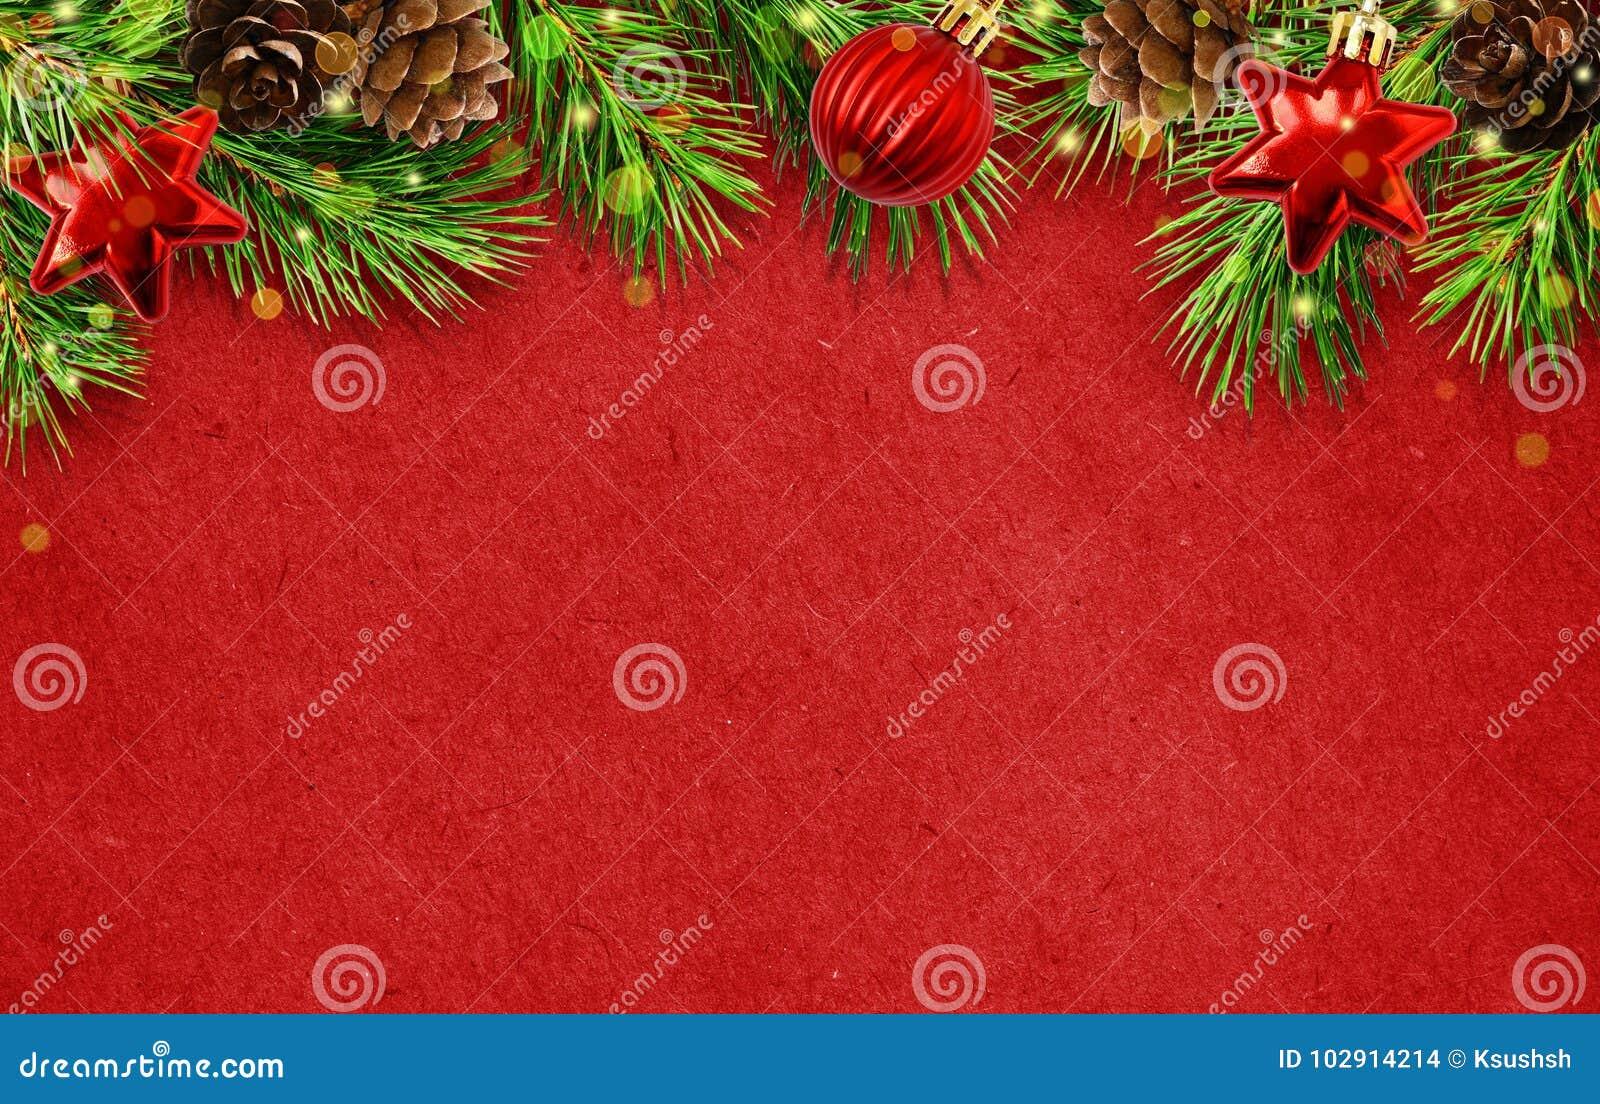 Fond de vacances avec des brindilles d arbre de Noël, cônes, abd l de boules